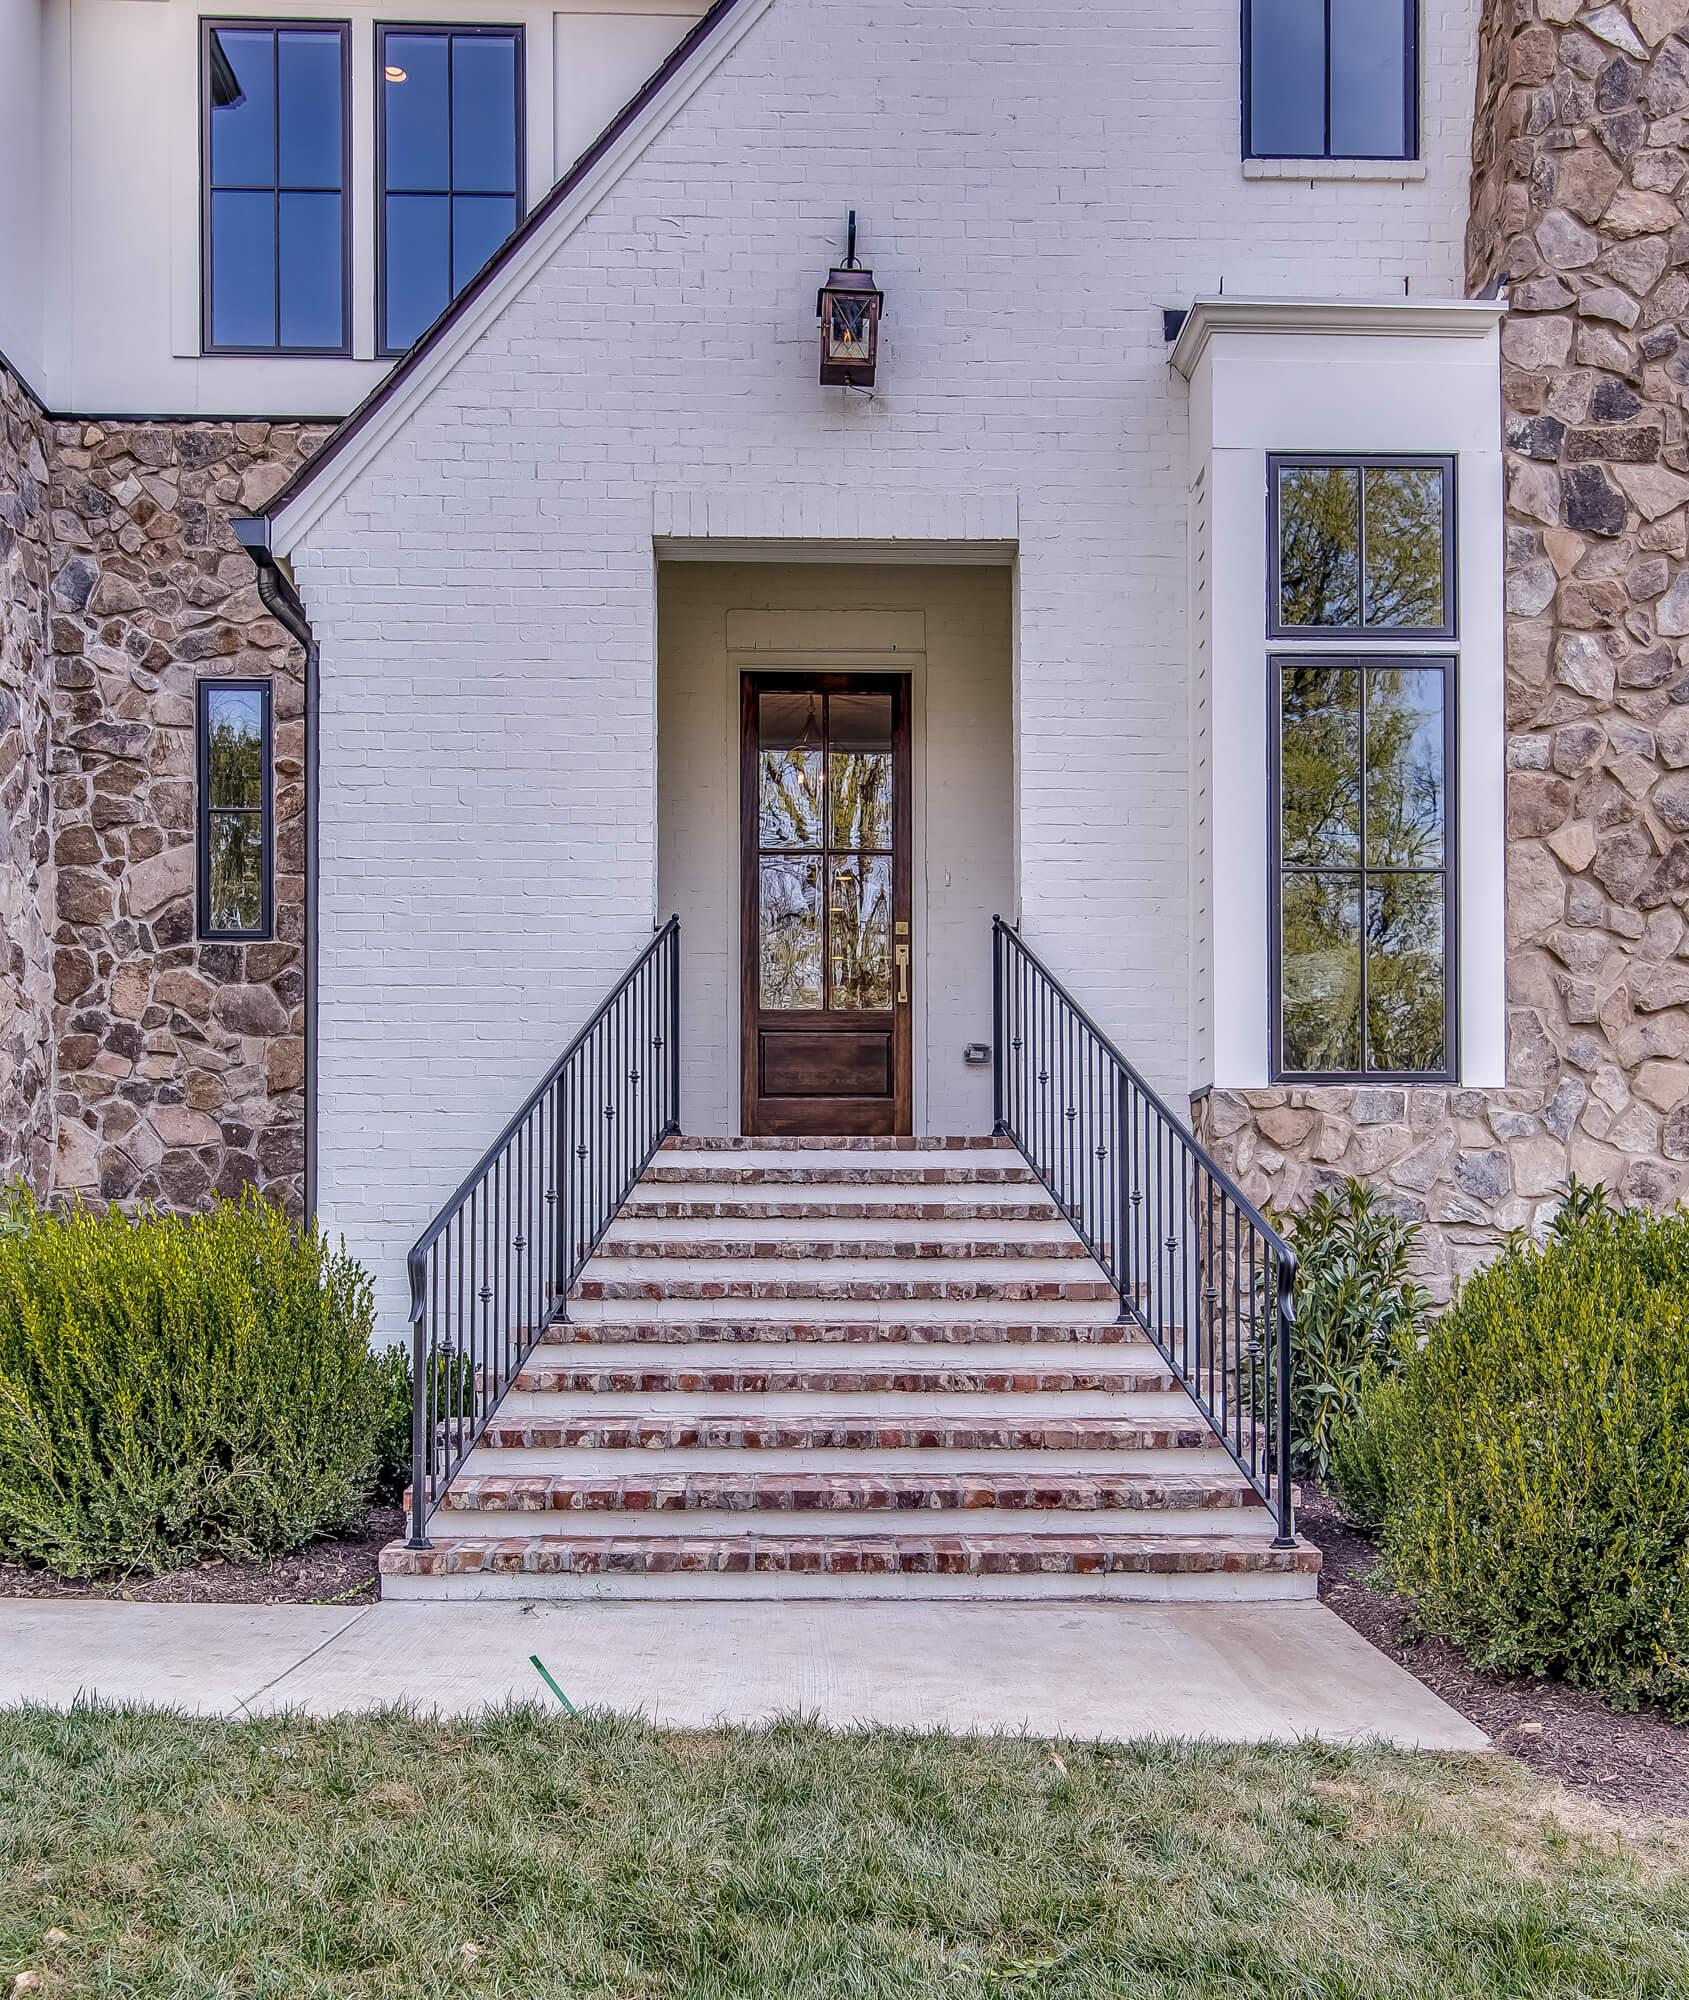 chandelier-development-nashville-tennessee-home-builder--5.jpg